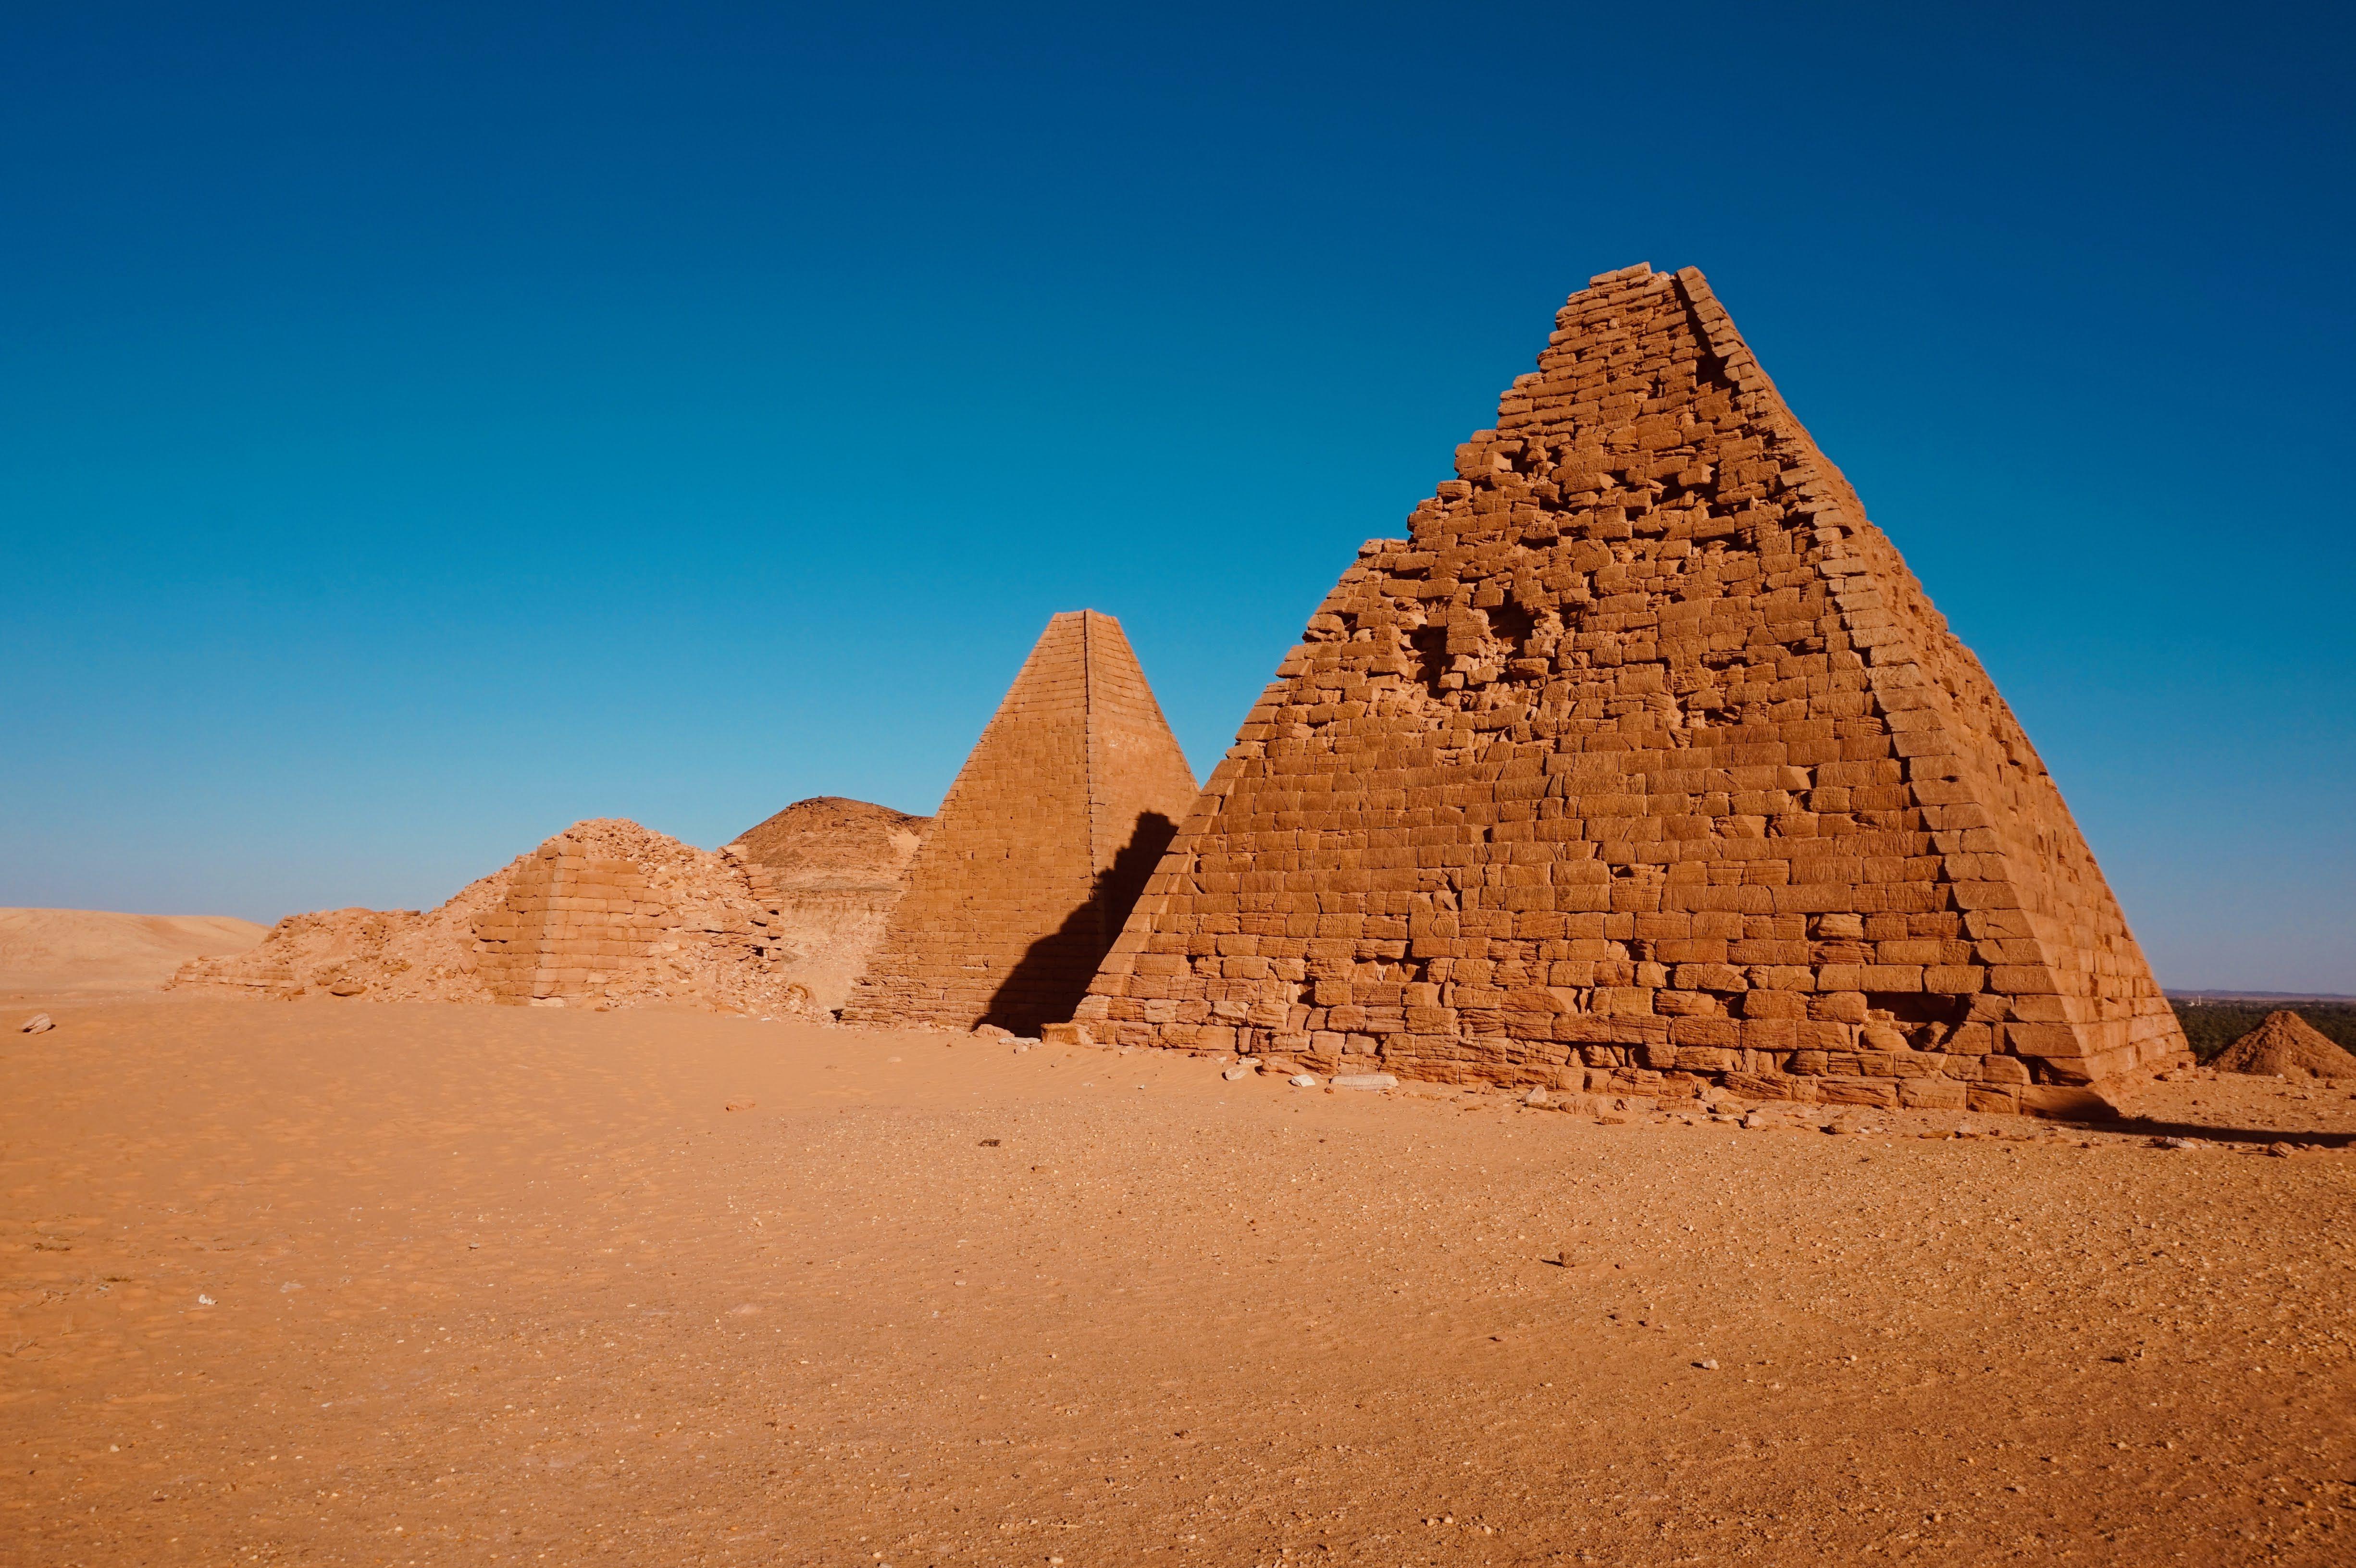 NubianPyramidsAreMuchSmallerAndMoreSlenderThanTheirEgyptianCounterparts